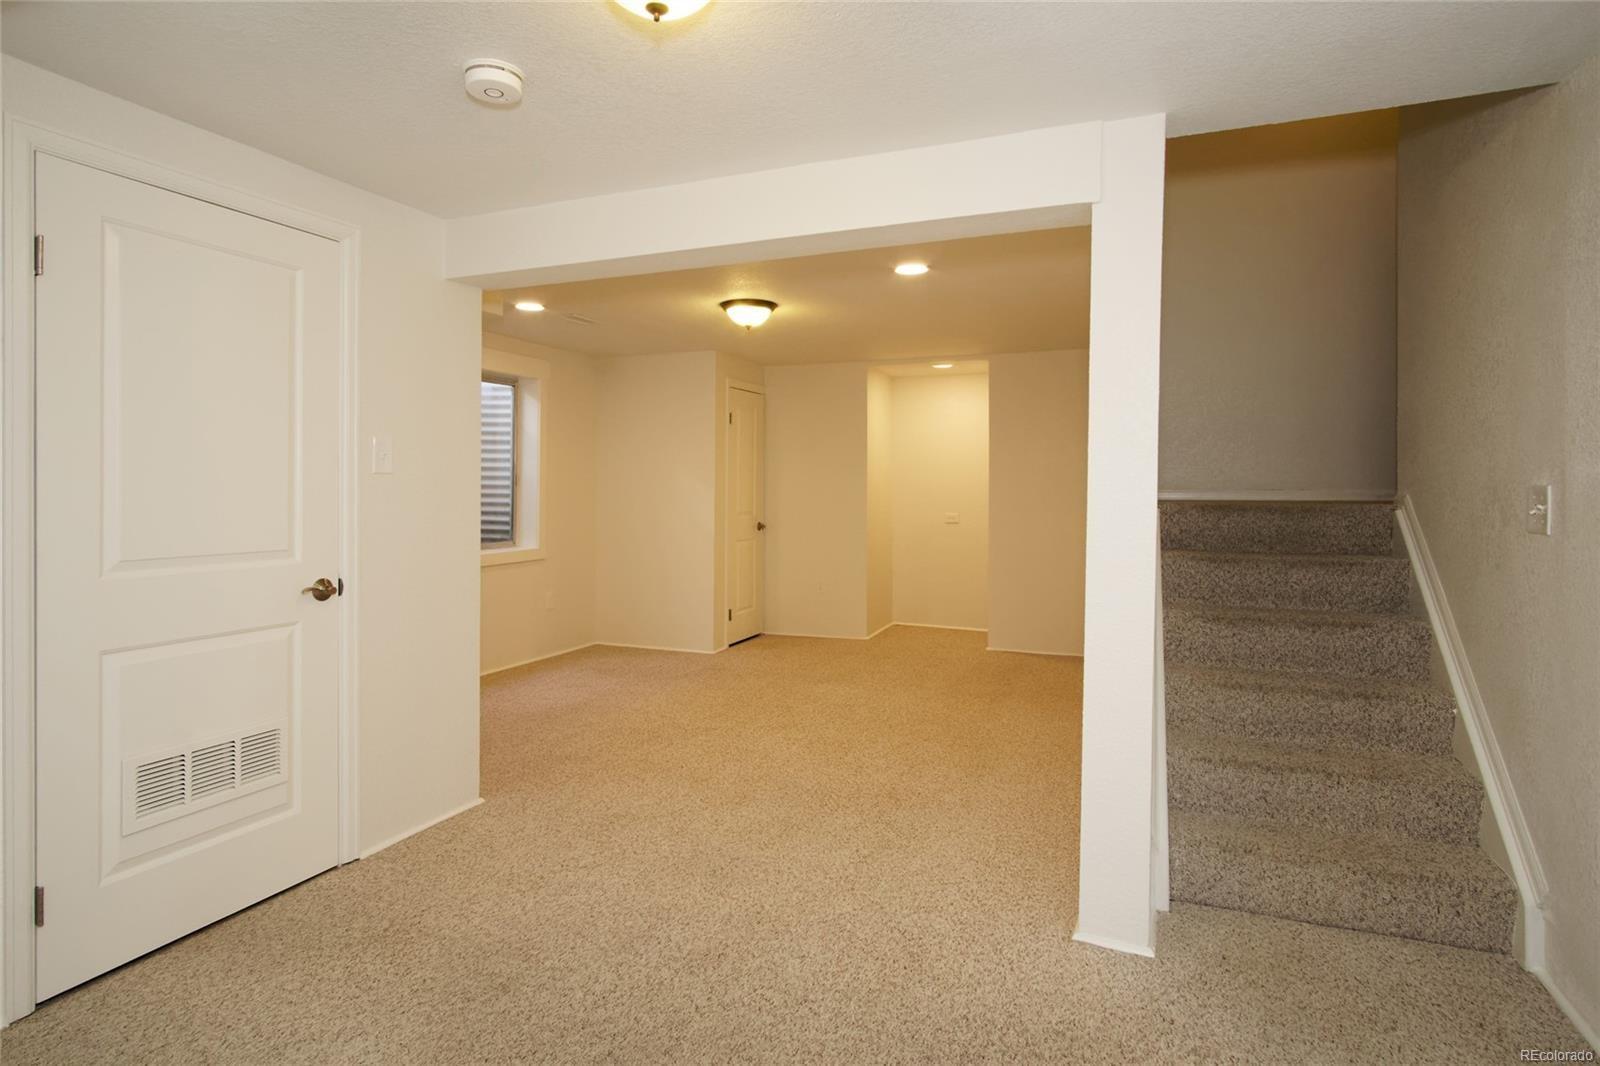 MLS# 6343588 - 31 - 522 Lindenwood Court, Highlands Ranch, CO 80126